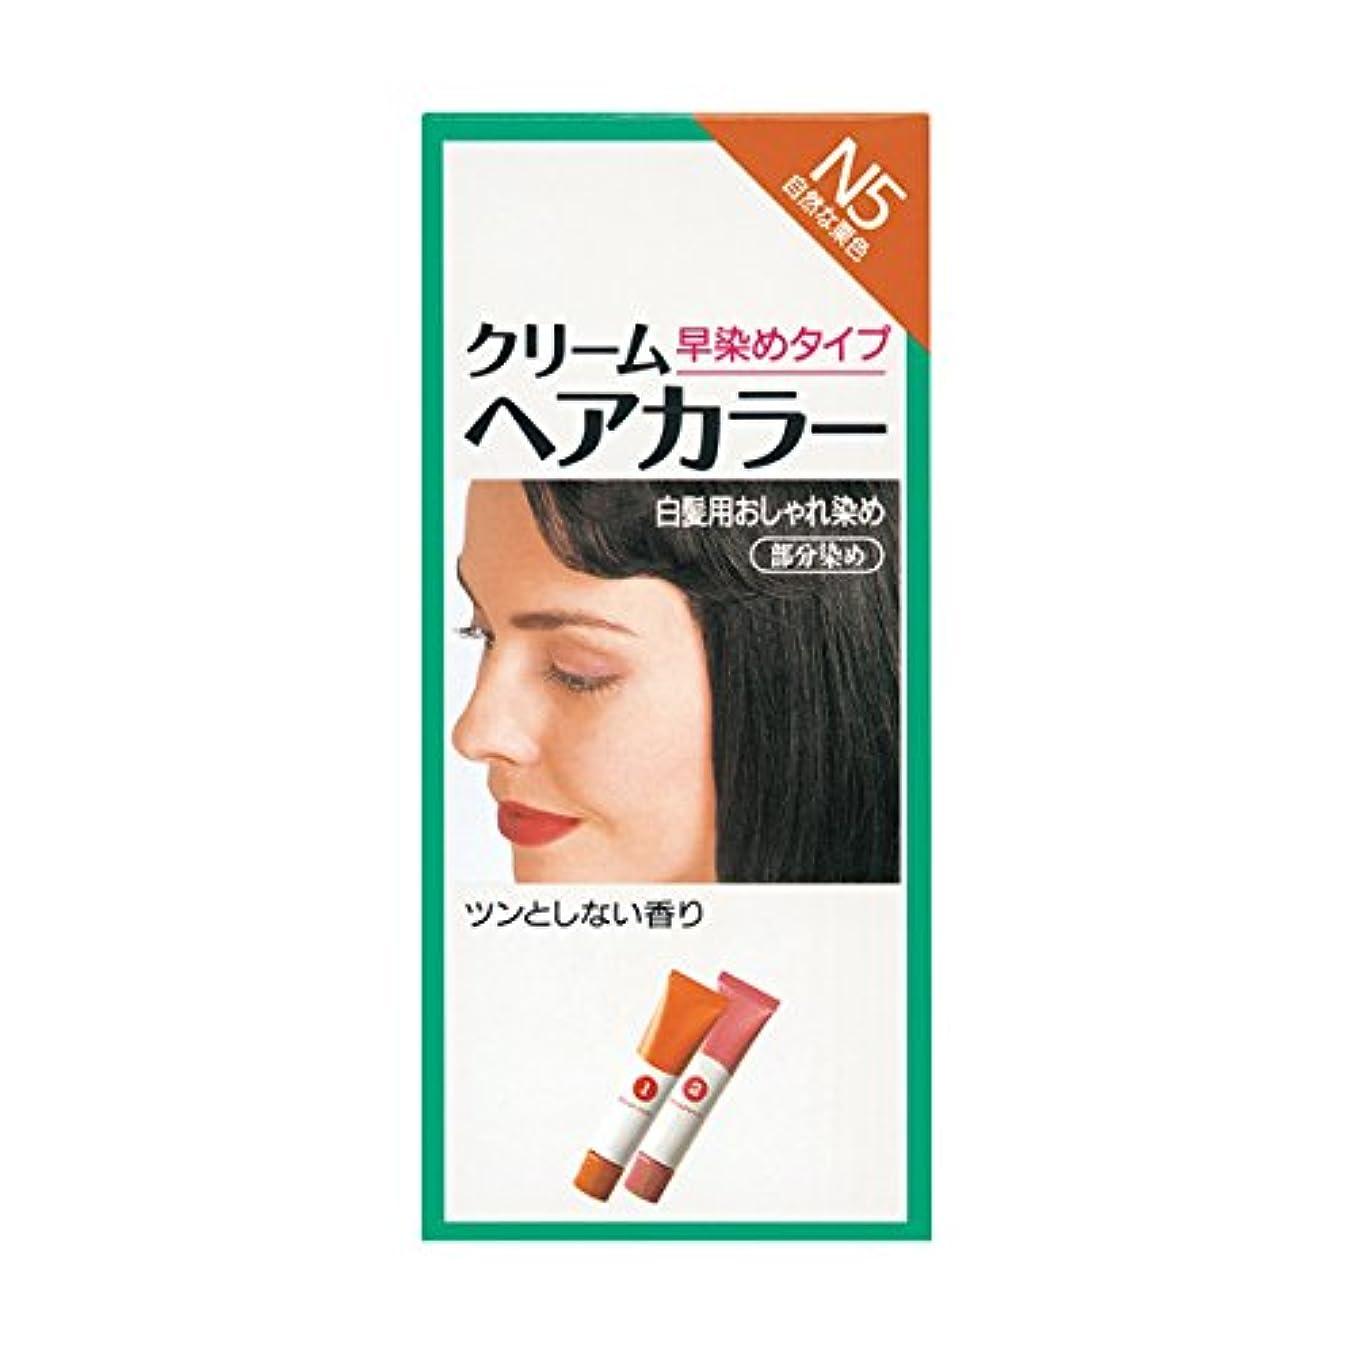 十分控えめな相対サイズヘアカラー クリームヘアカラーN N5 【医薬部外品】